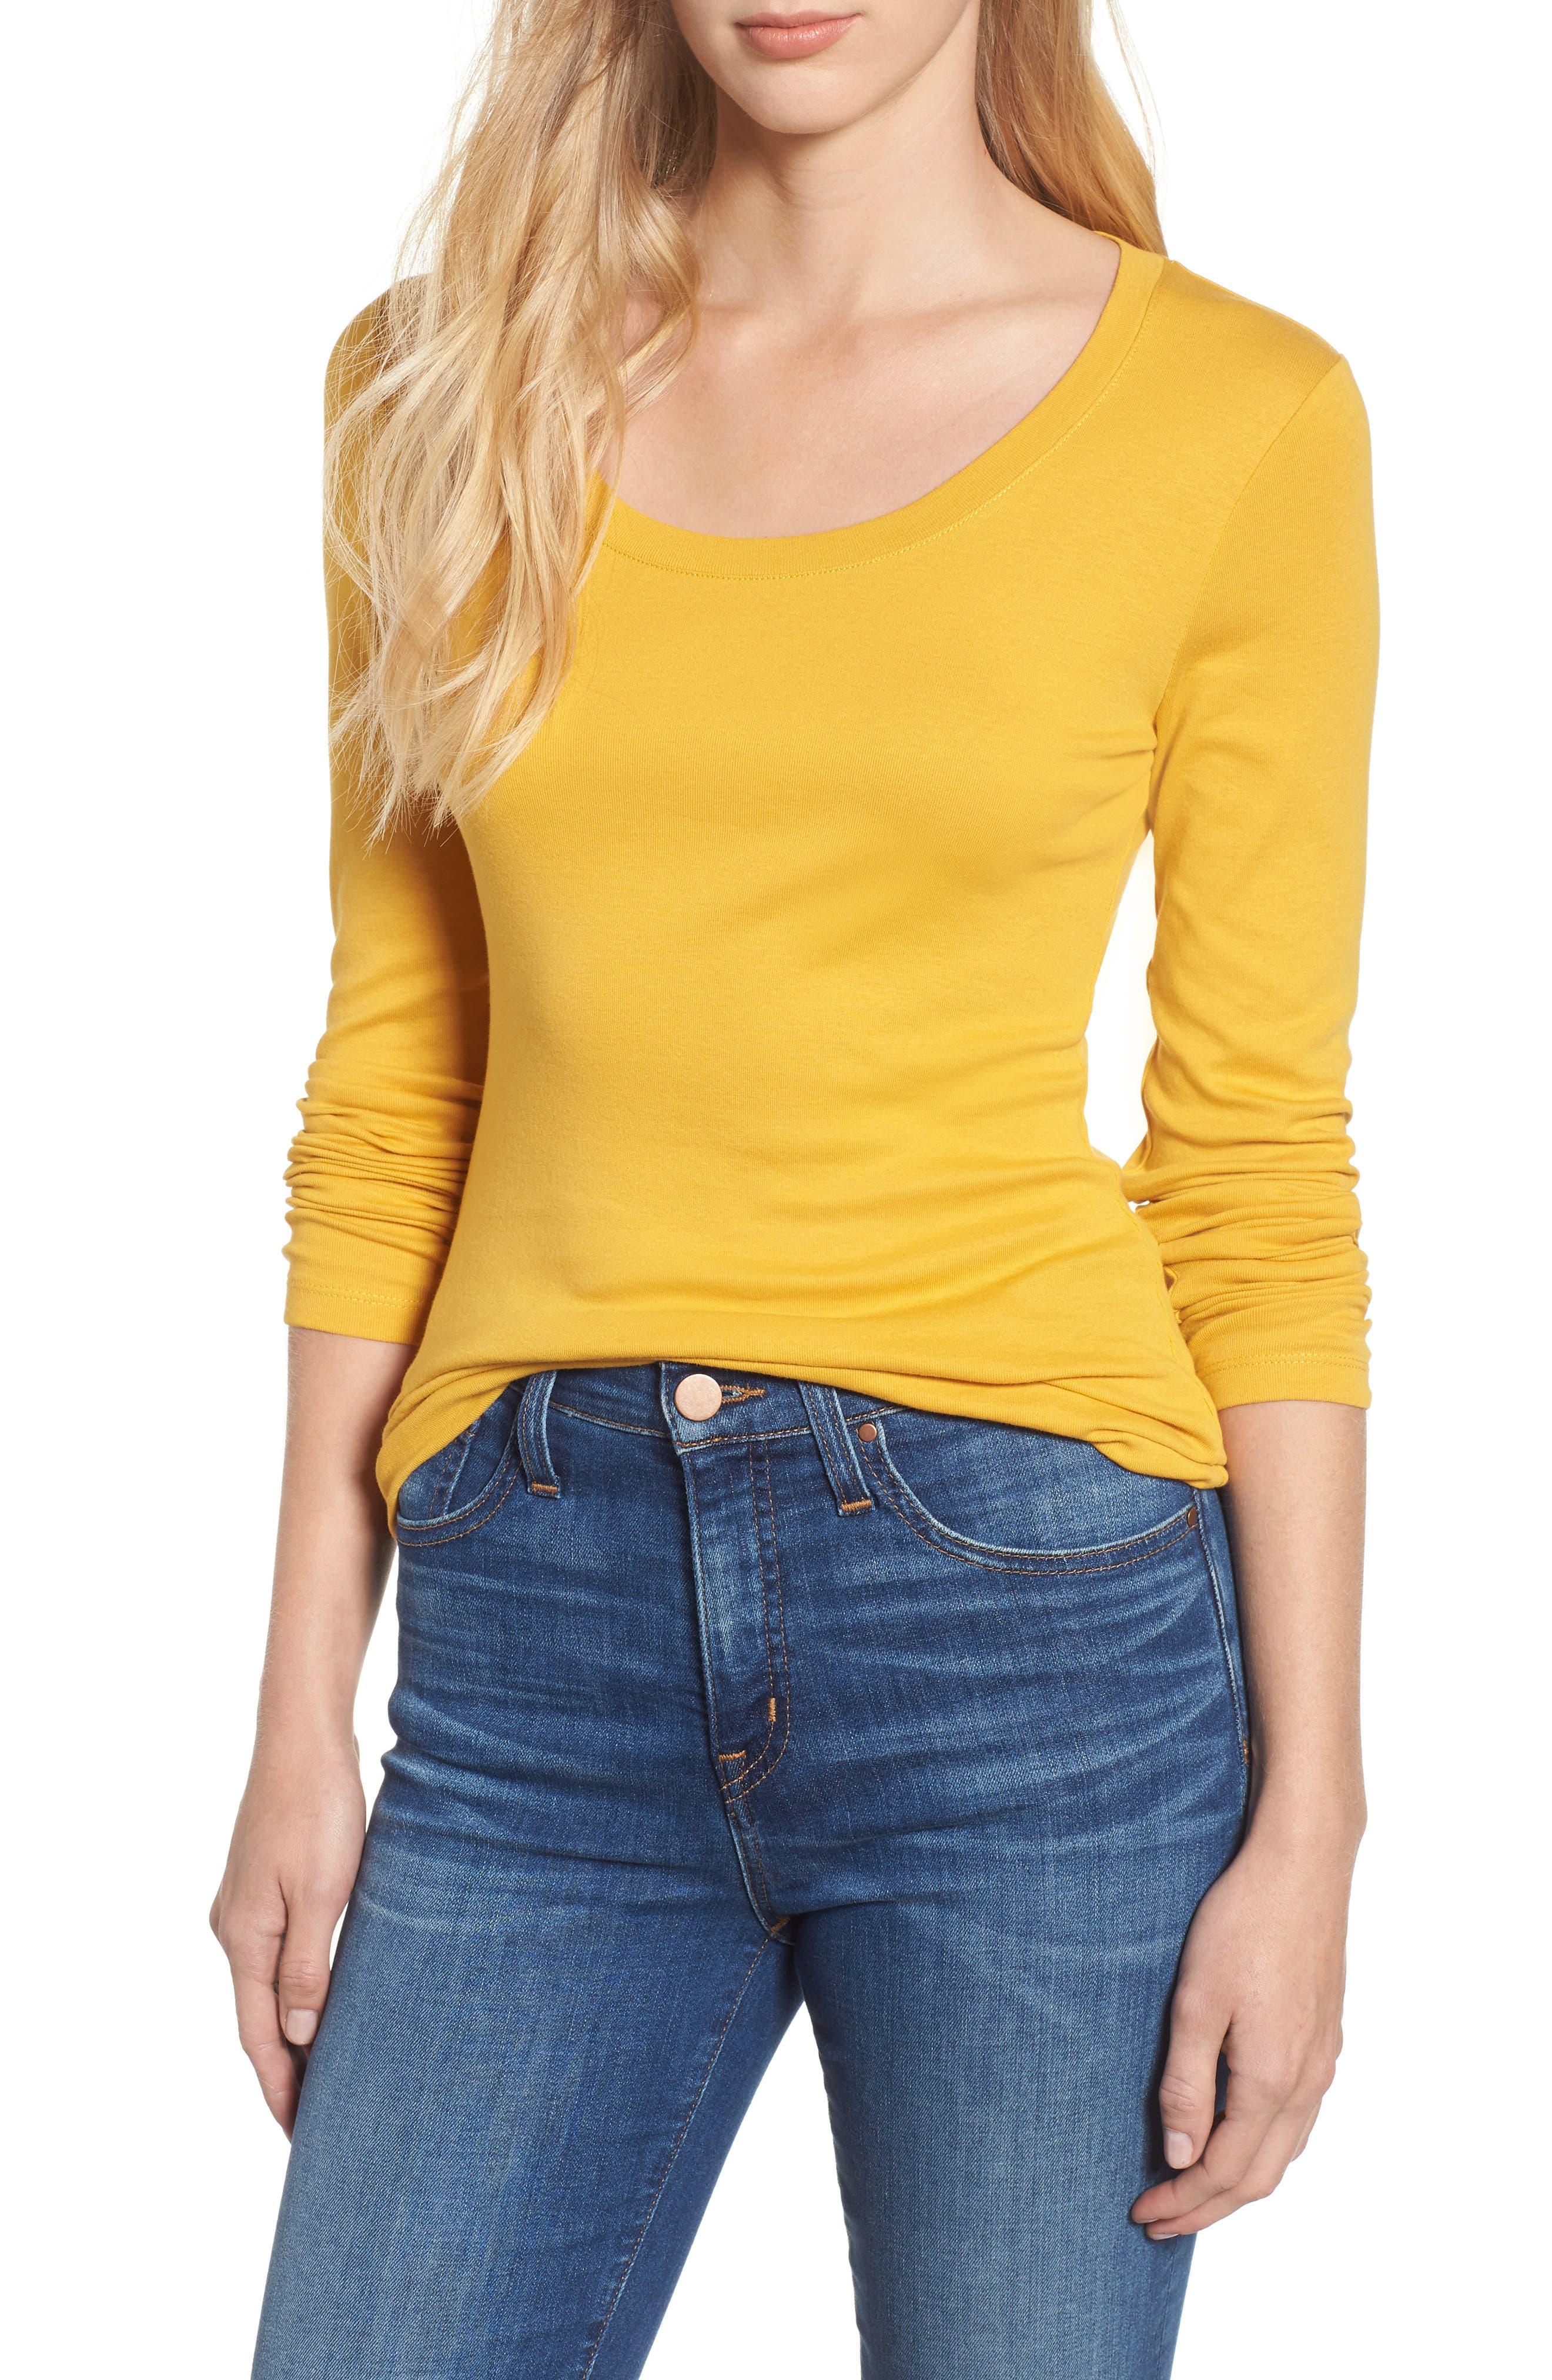 d2f7a1953fd Women s Yellow Tops